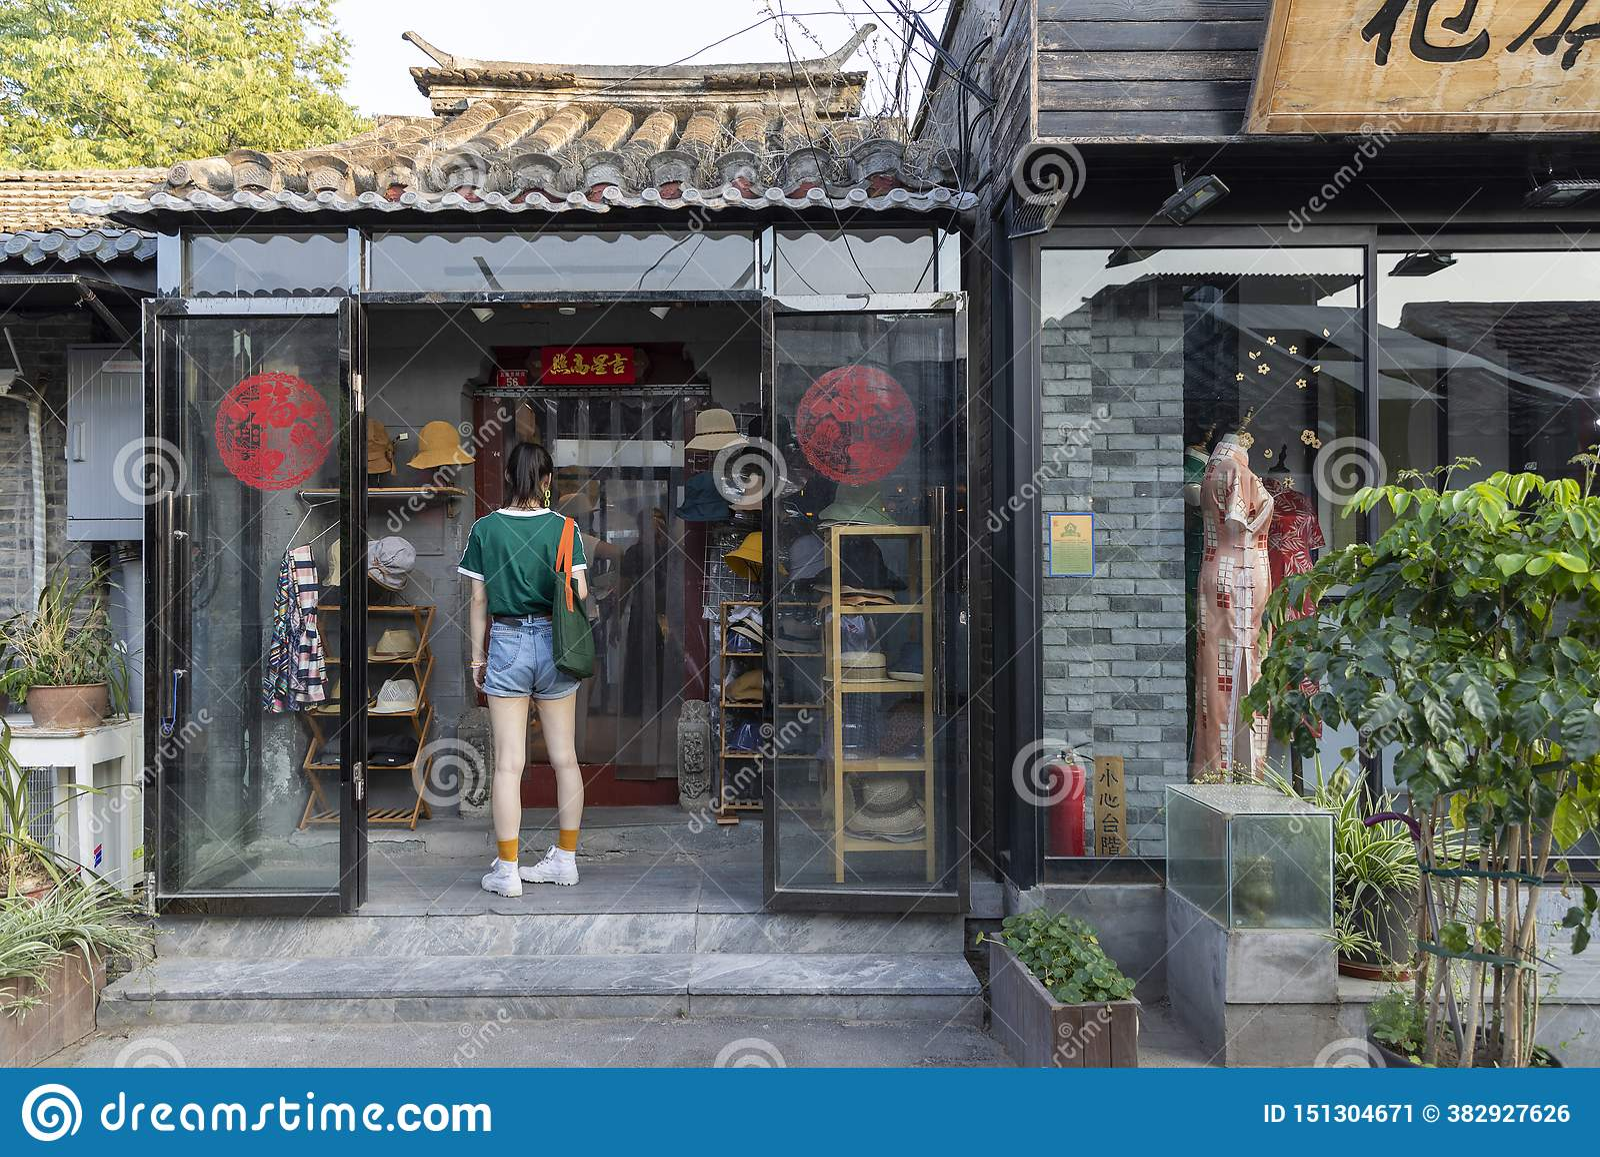 El Wudaoying Hutong en Pekín, China, es uno de los hutongs comerciales en Pekín